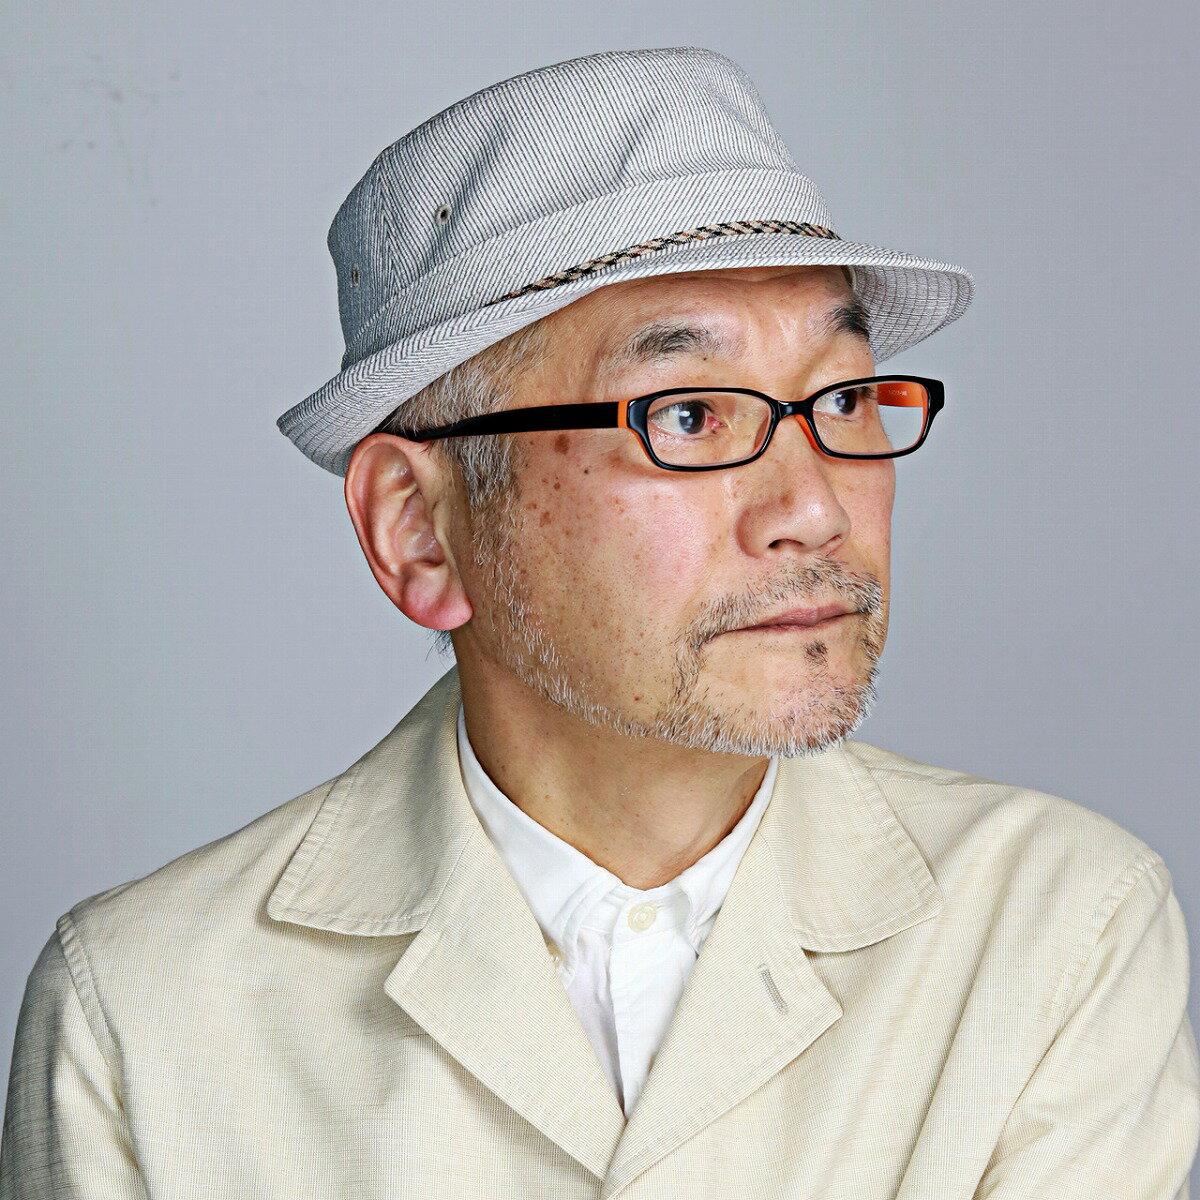 ダックス アルペン ハット 春夏 小さめ DAKS 帽子 メンズ サッカーストライプ 帽子 メンズ アルペン帽 ストライプ柄 日本製 紳士 S M L 上品 英国 ブランド ハウスチェック / ベージュ [ alpine hat ] 父の日 ギフト プレゼント